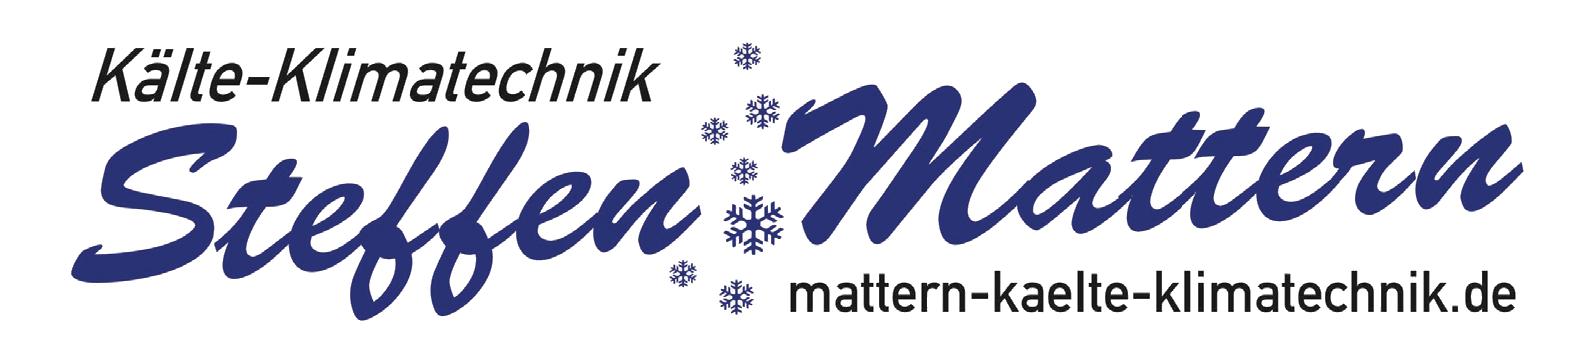 Steffen Mattern Kälte Klimatechnik